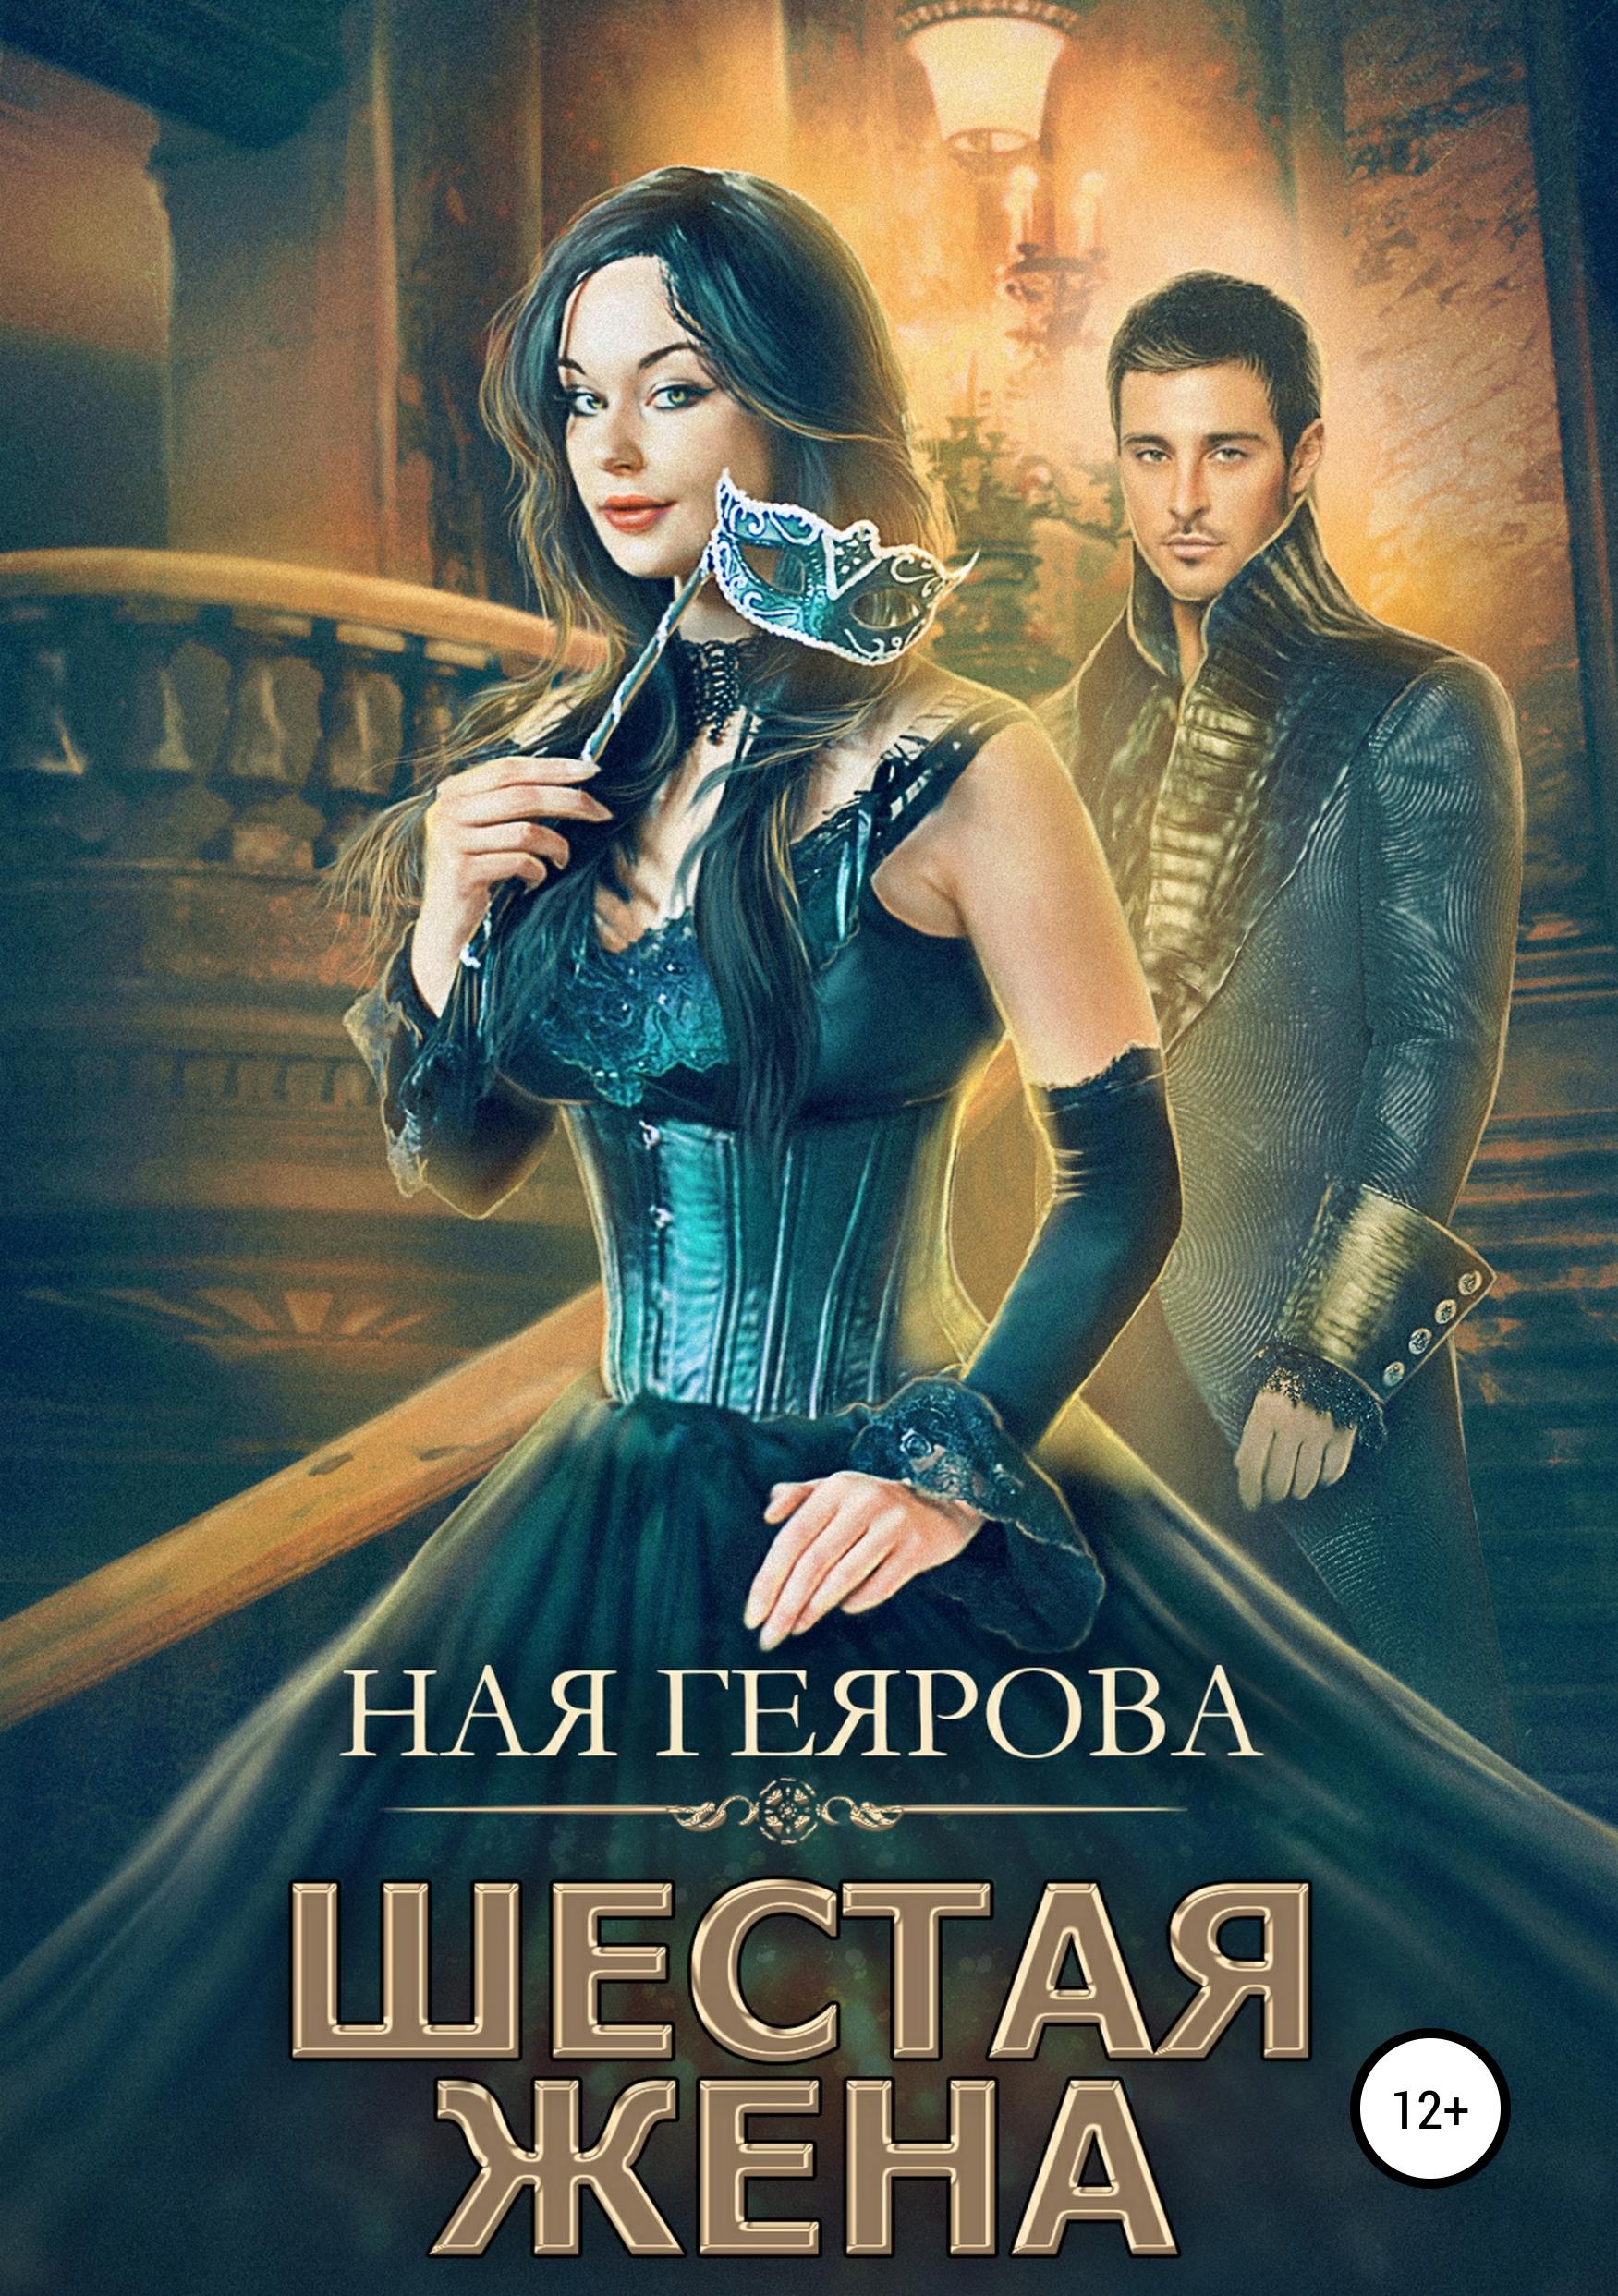 Ная Геярова Шестая жена цена